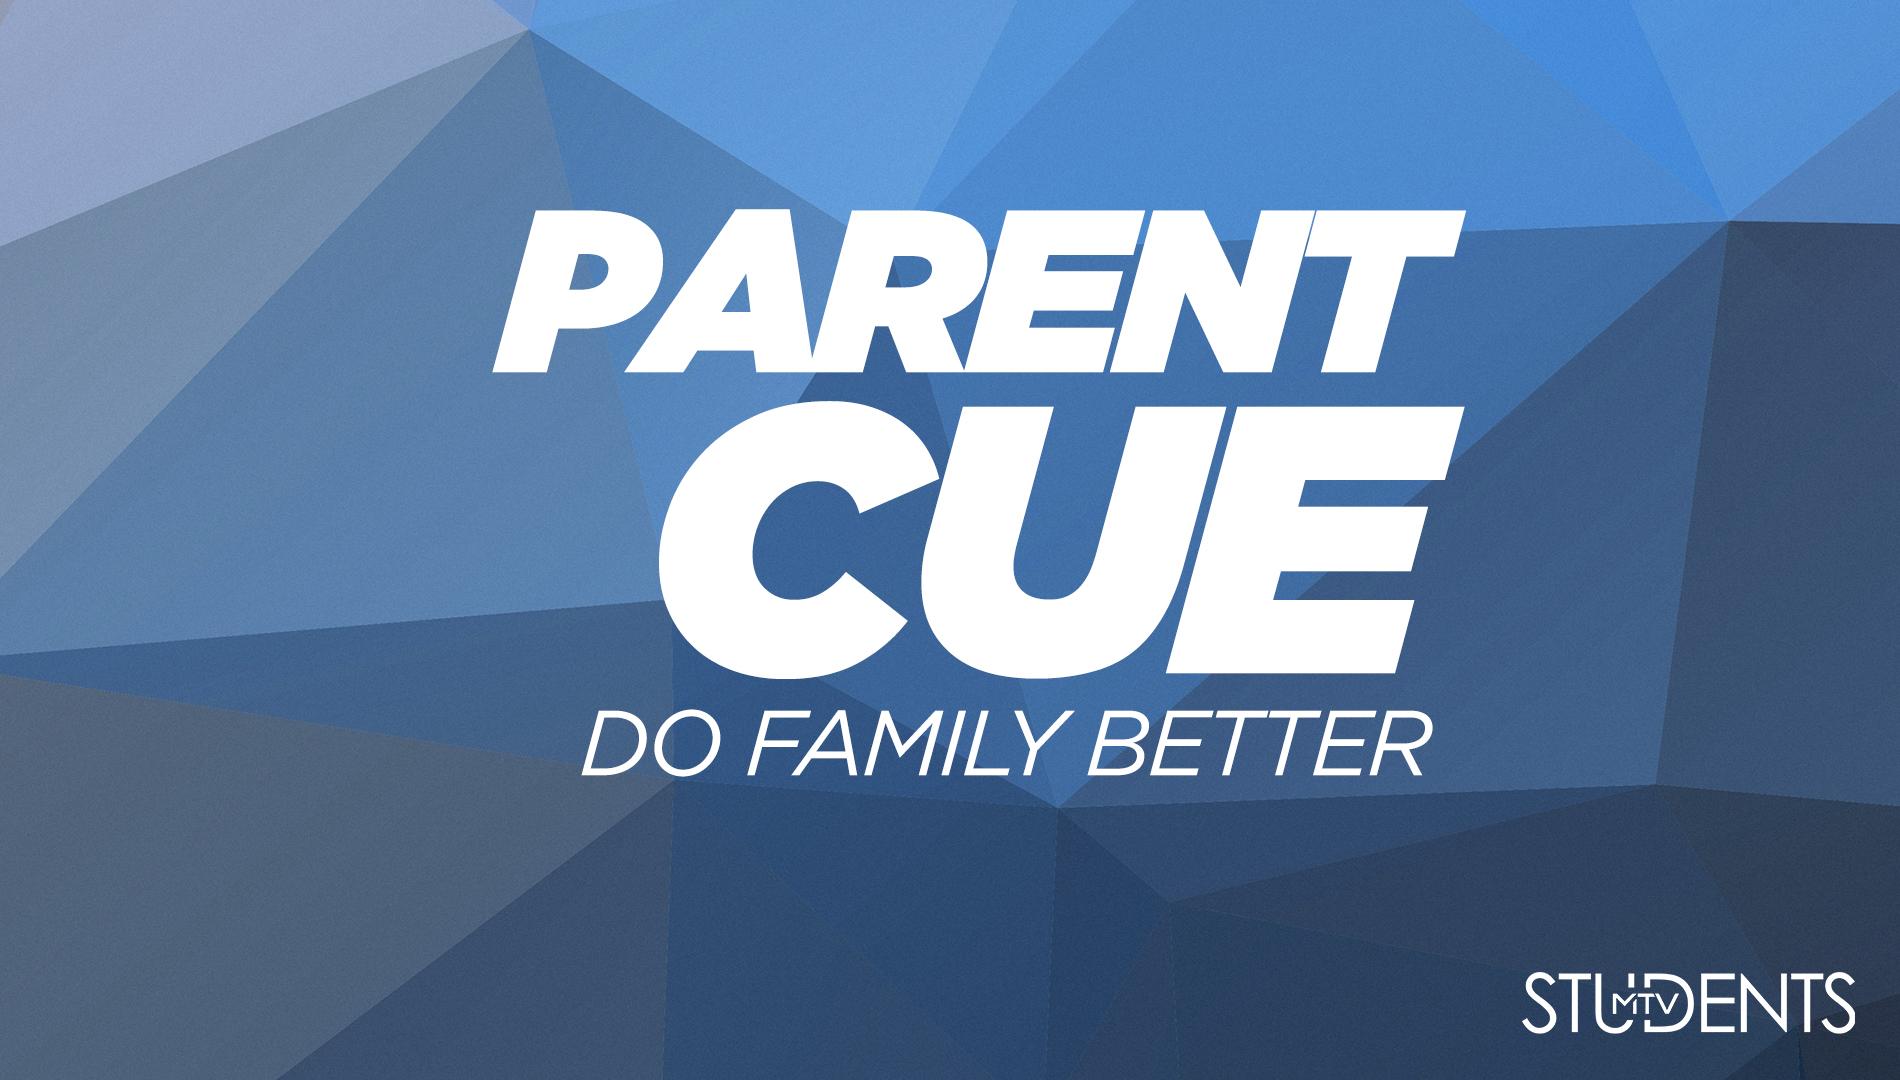 PARENT CUE.jpg